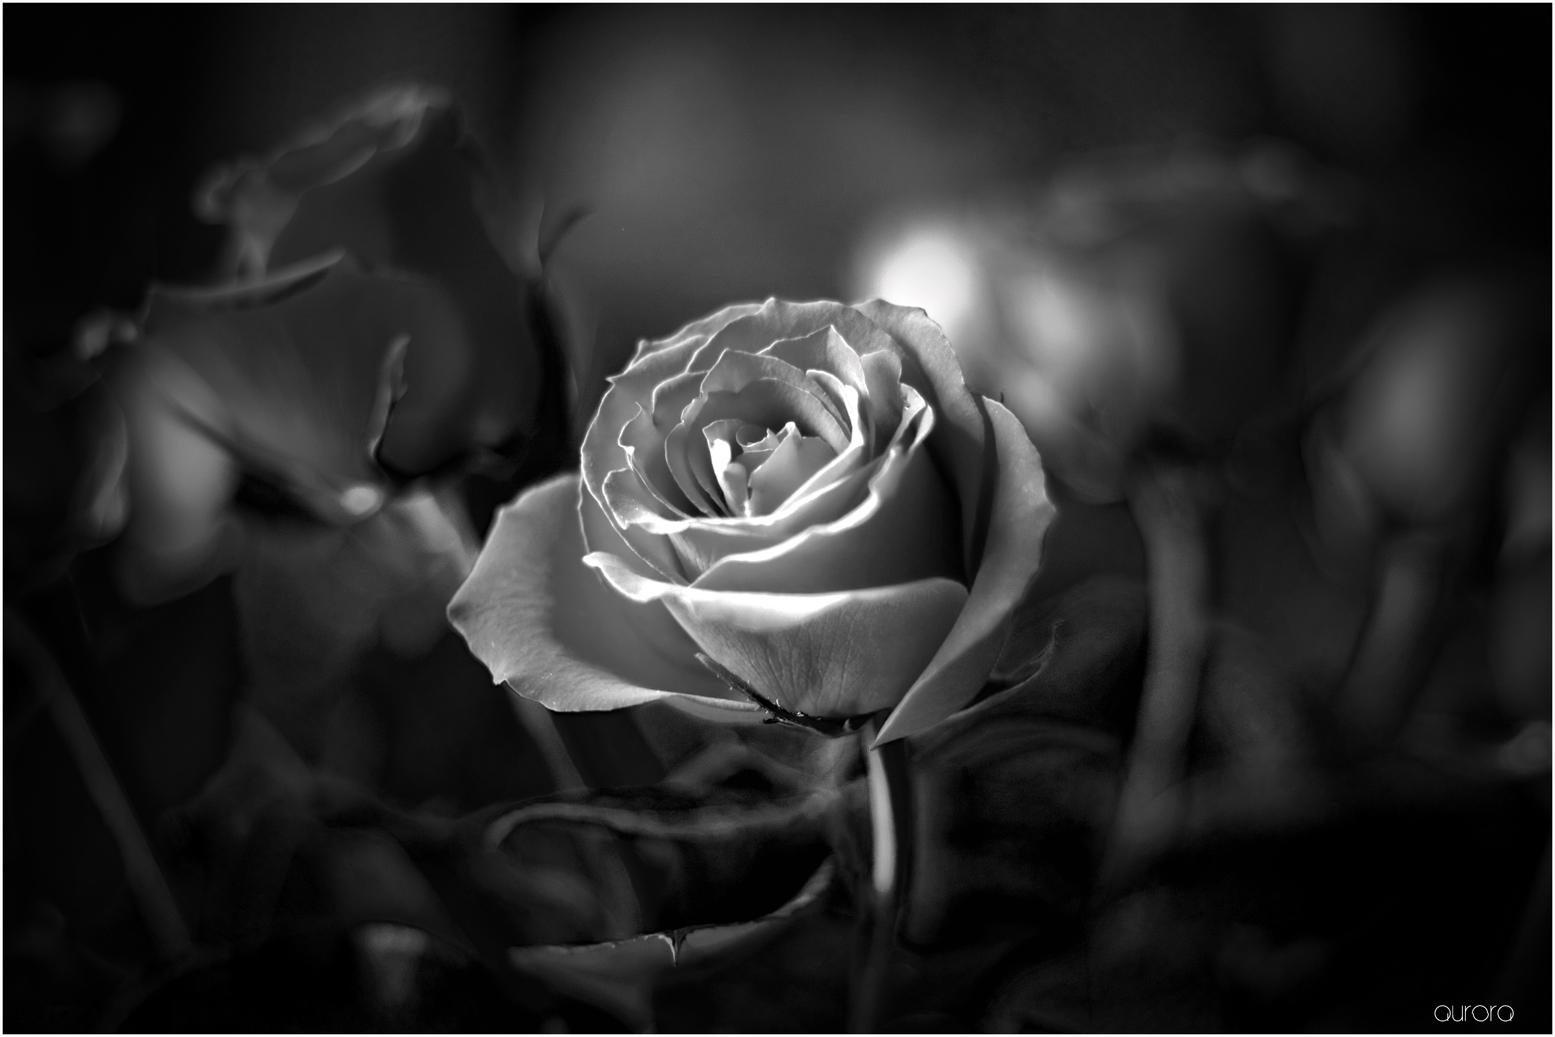 Blanco y negro imagen foto plantas naturaleza fotos de fotocommunity - Fotos en blanco ...